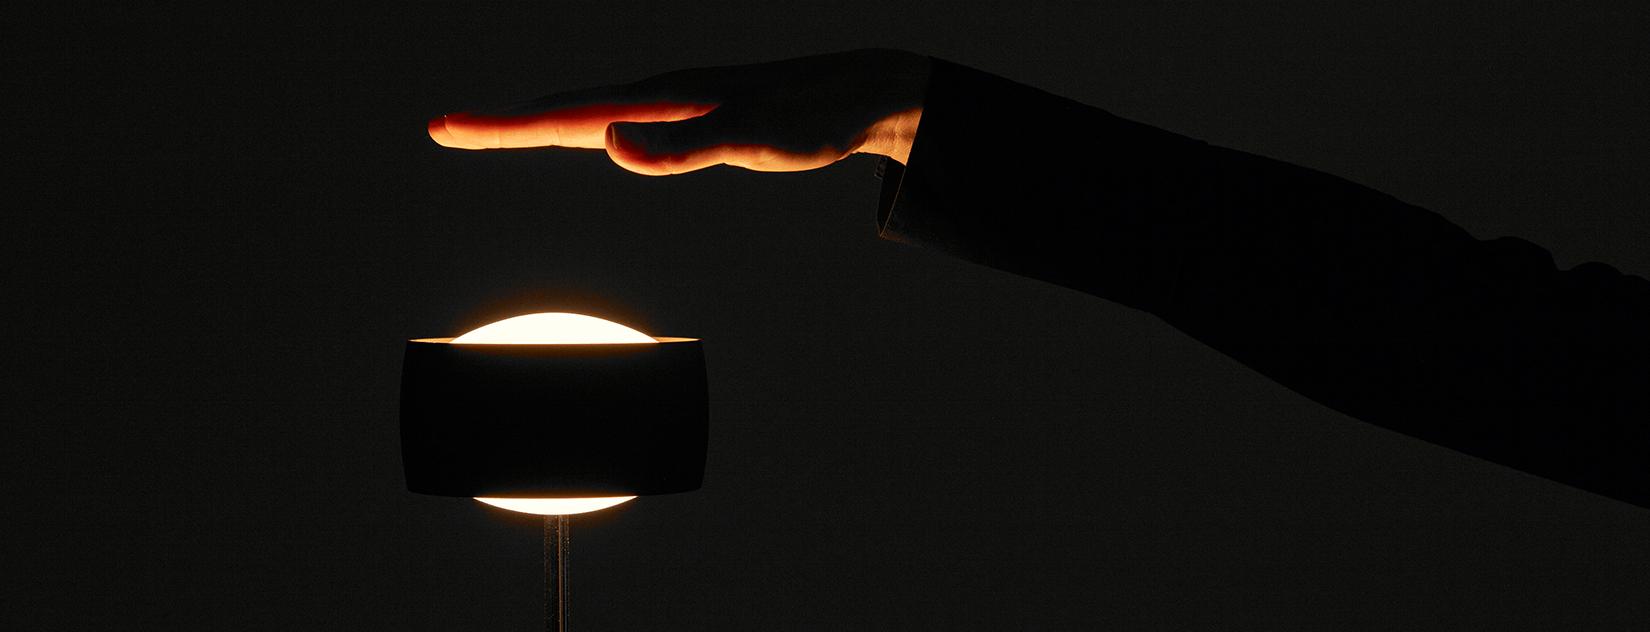 t-innovationen-gestensteuerung-02-jpg